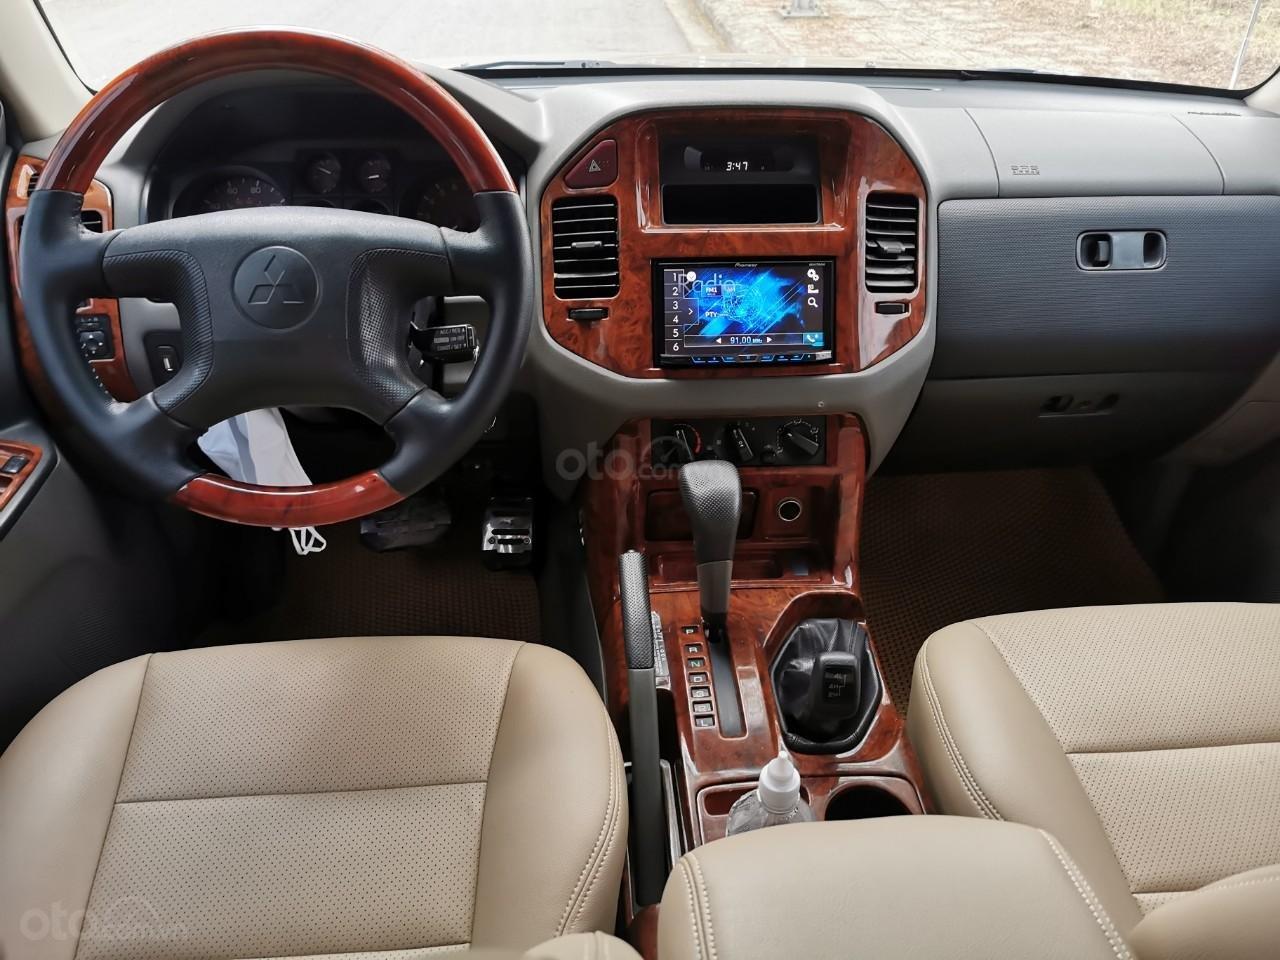 Cần Bán Xe Mitsubishi Pajero sản xuất năm 2002 (9)